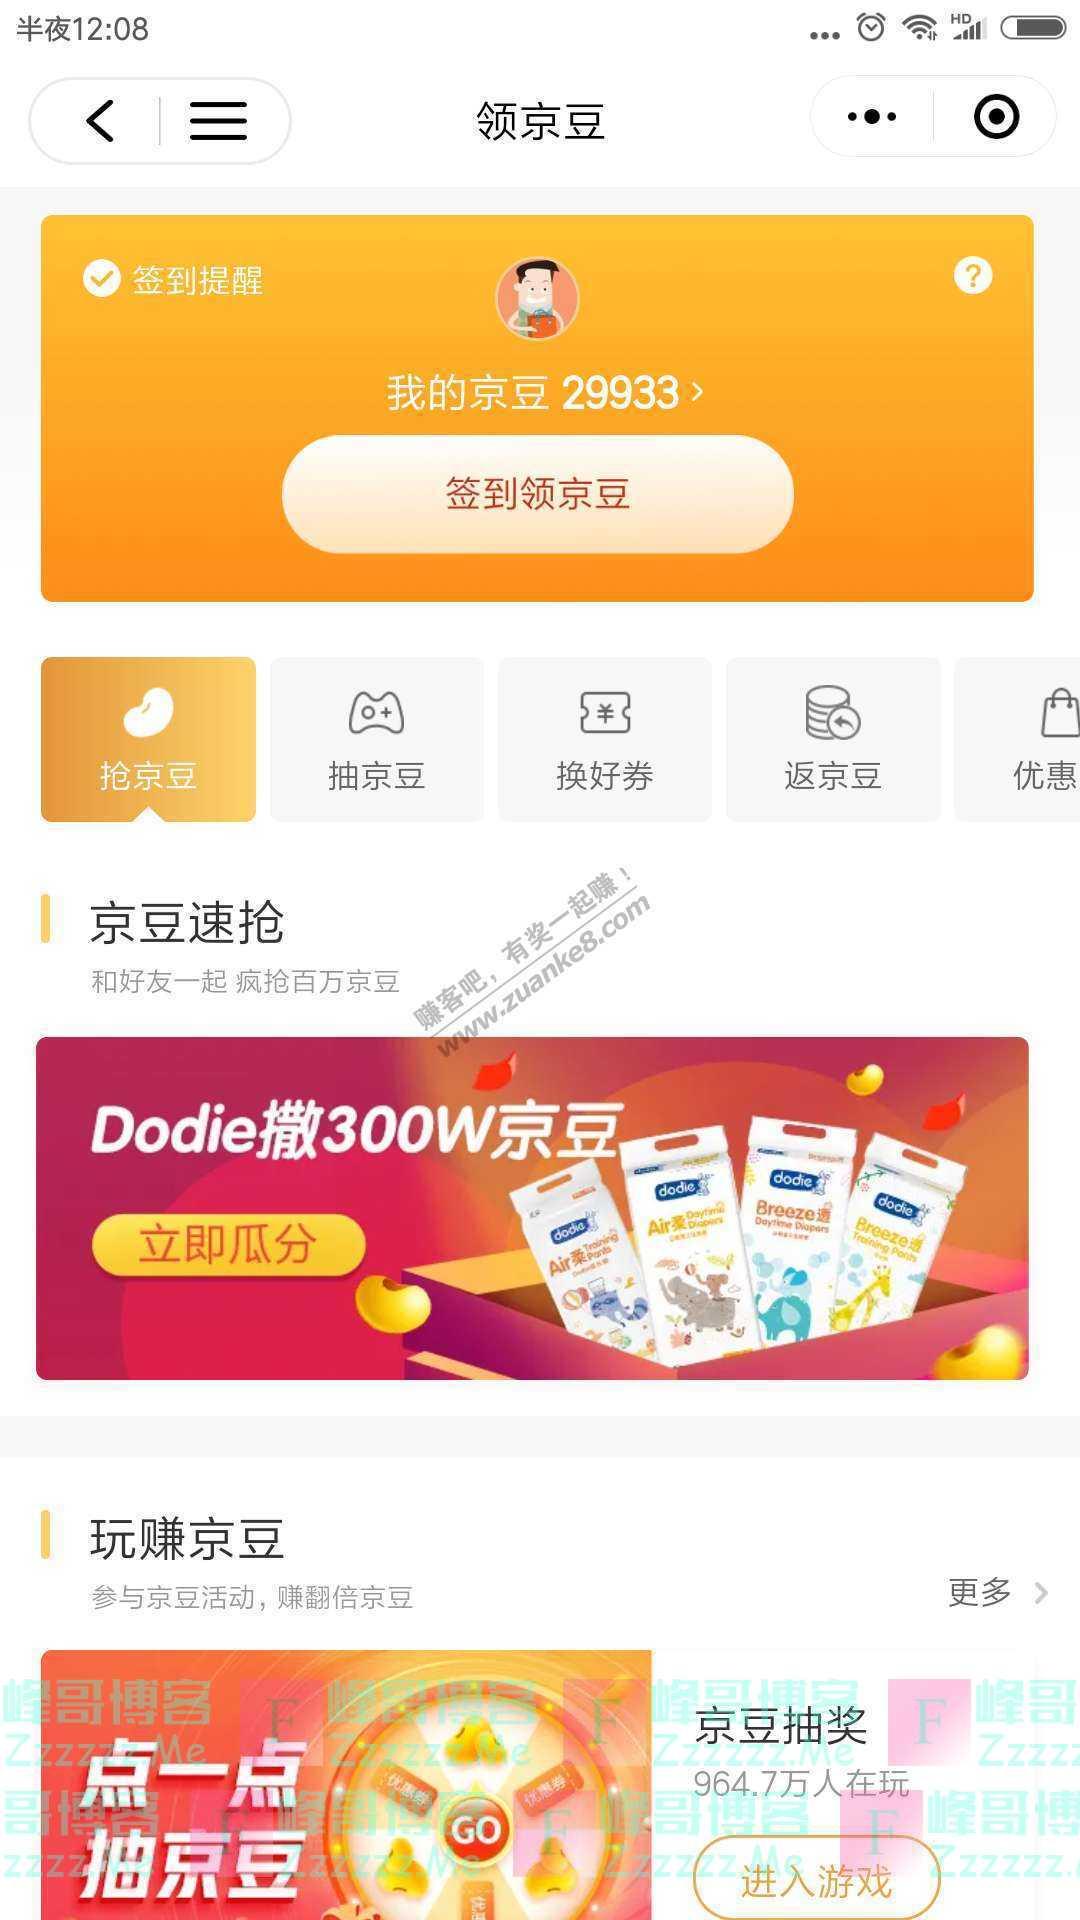 京东购物Dodie撒300w京豆(截止5月28日)